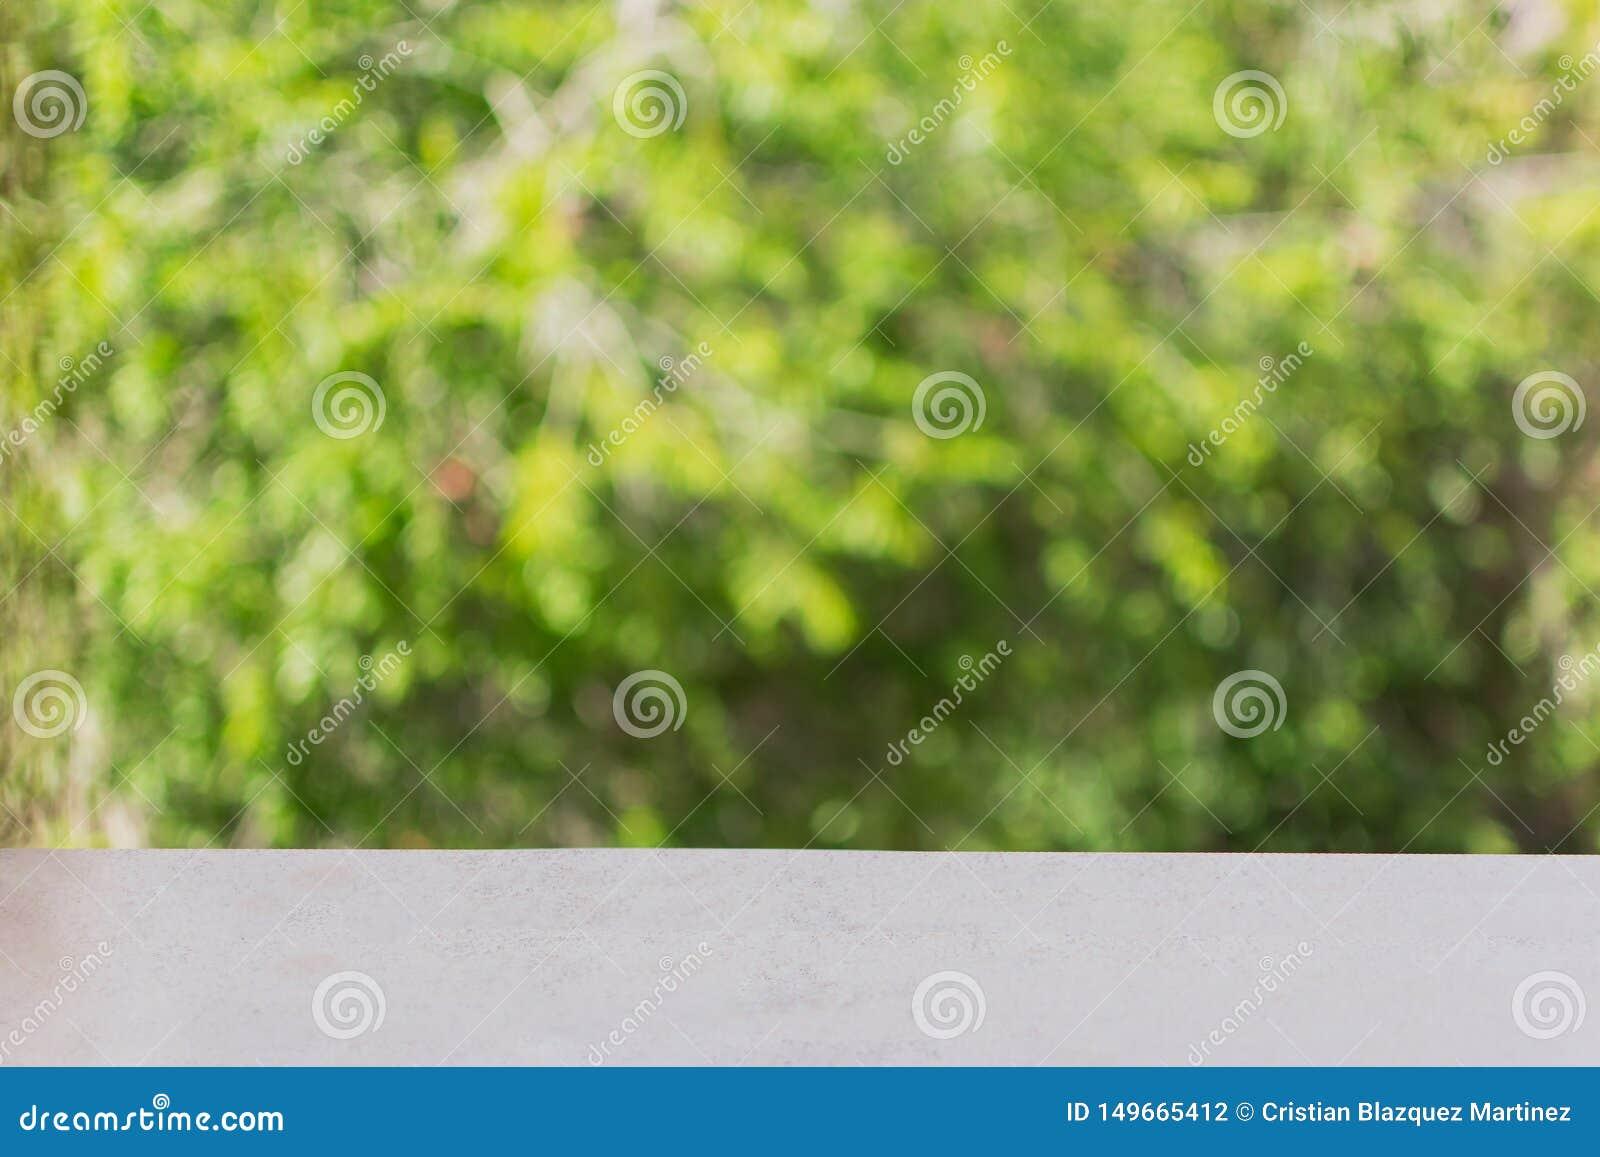 De zachte vage zoete groene abstracte achtergrond van de bokehaard